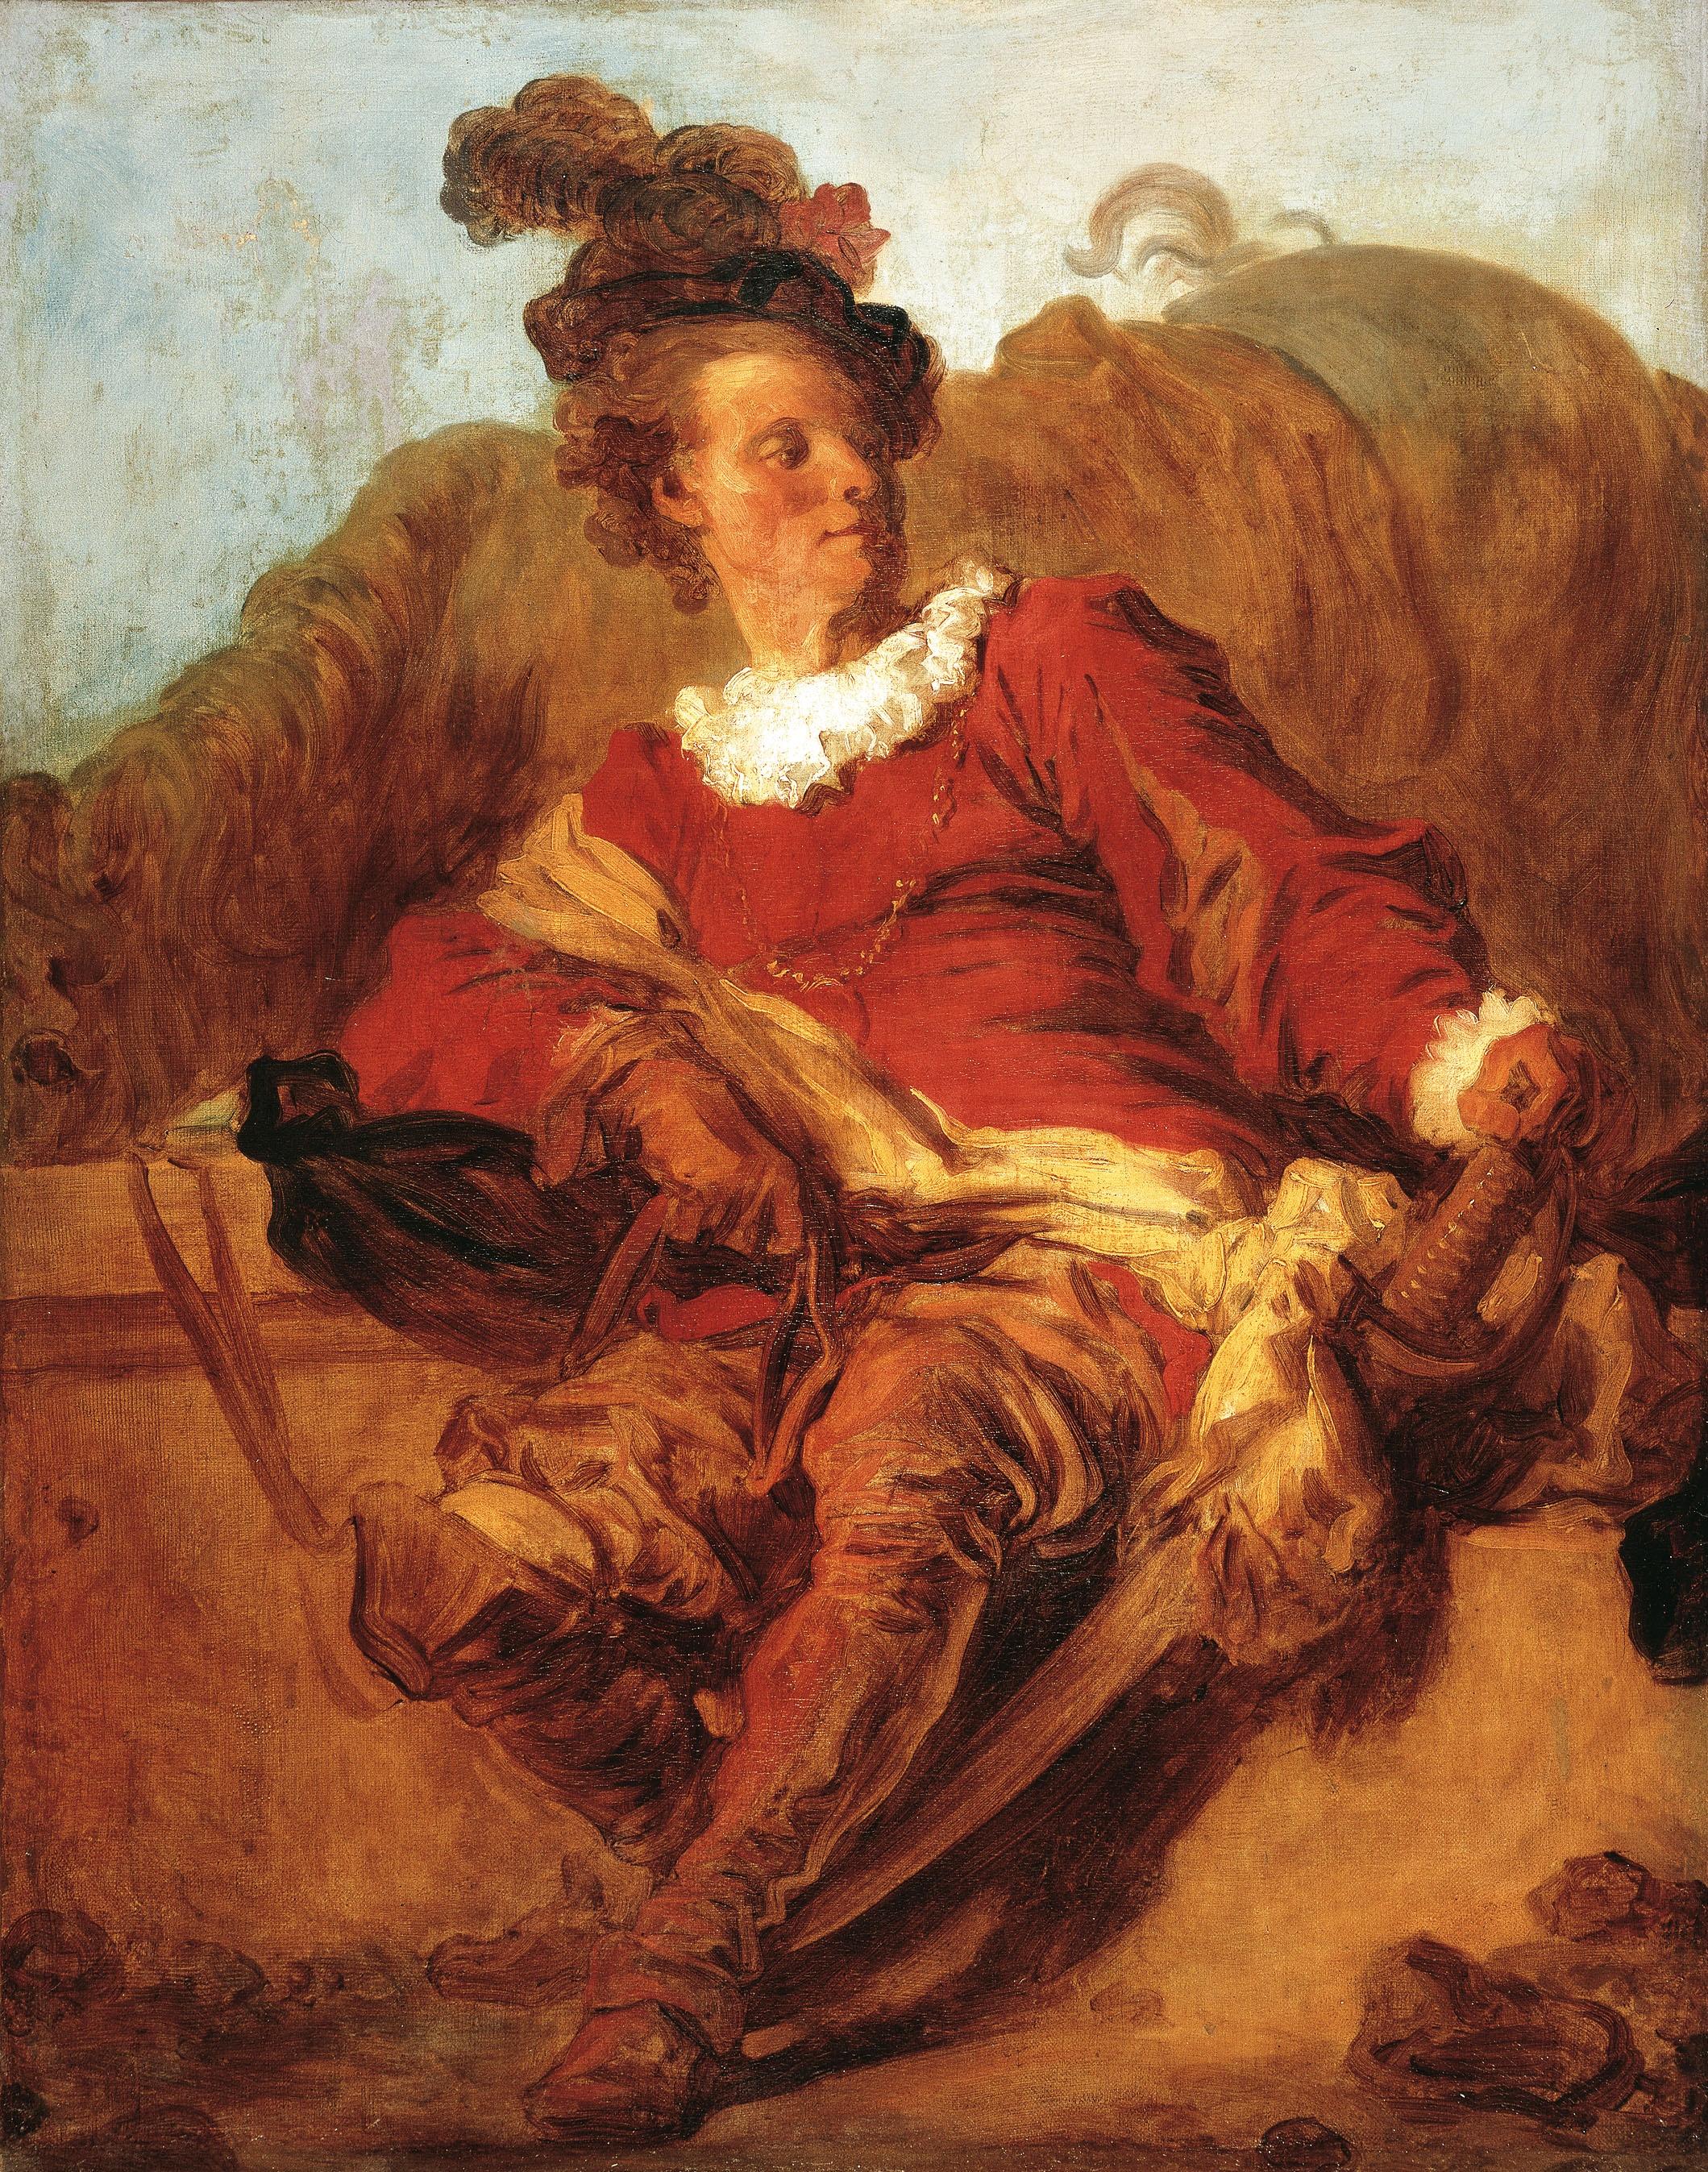 Jean-Honoré Fragonard - Retrat de Charles-Michel-Ange Challe (?) - Cap a 1769